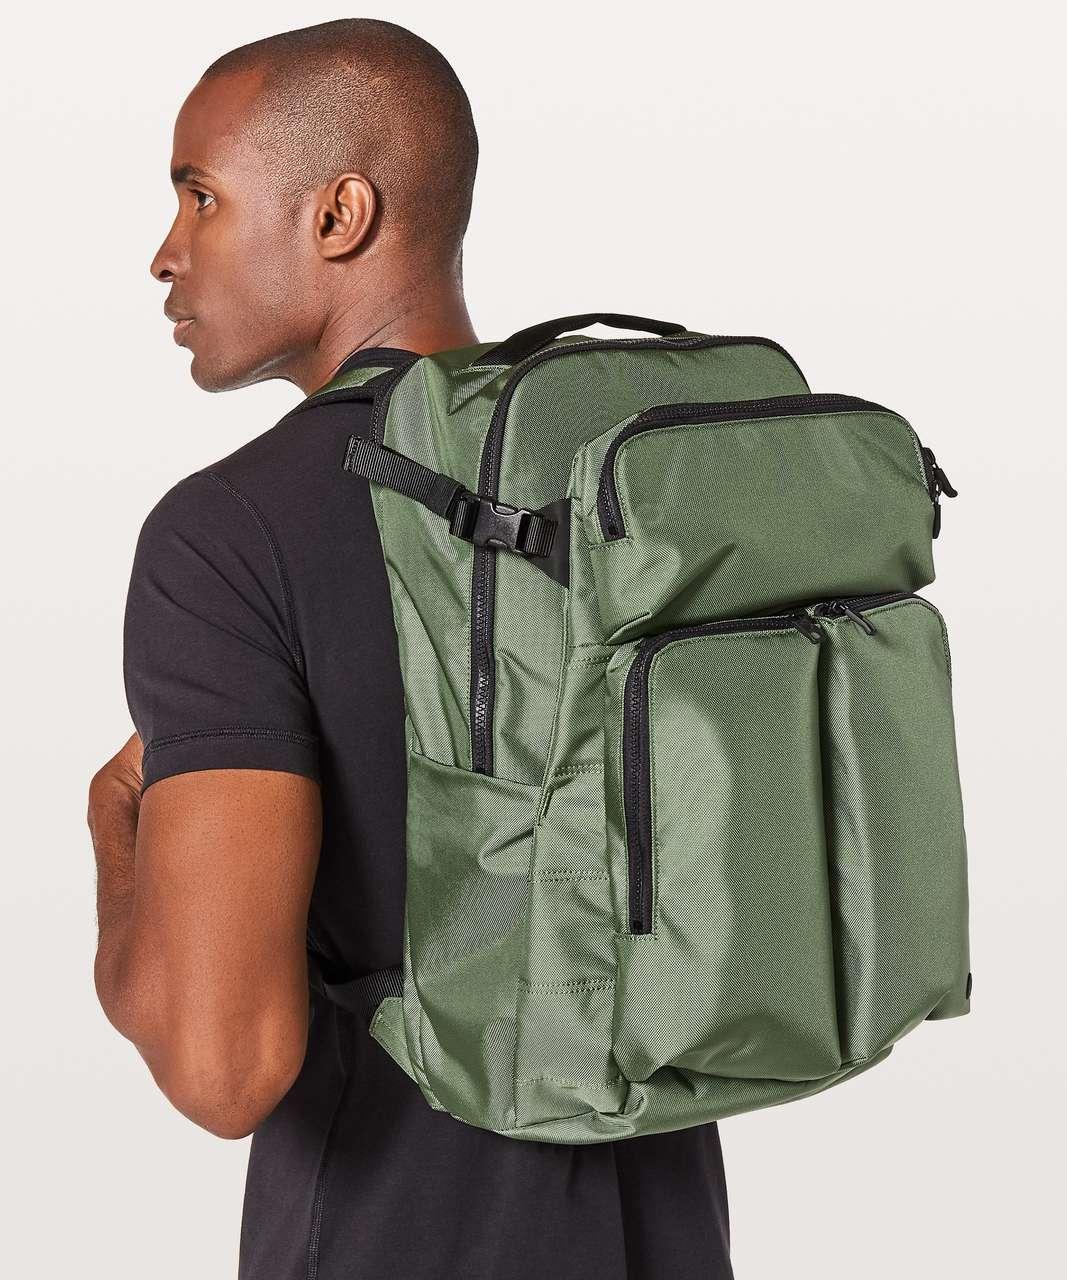 Lululemon Assert Backpack *30L - Green Twill